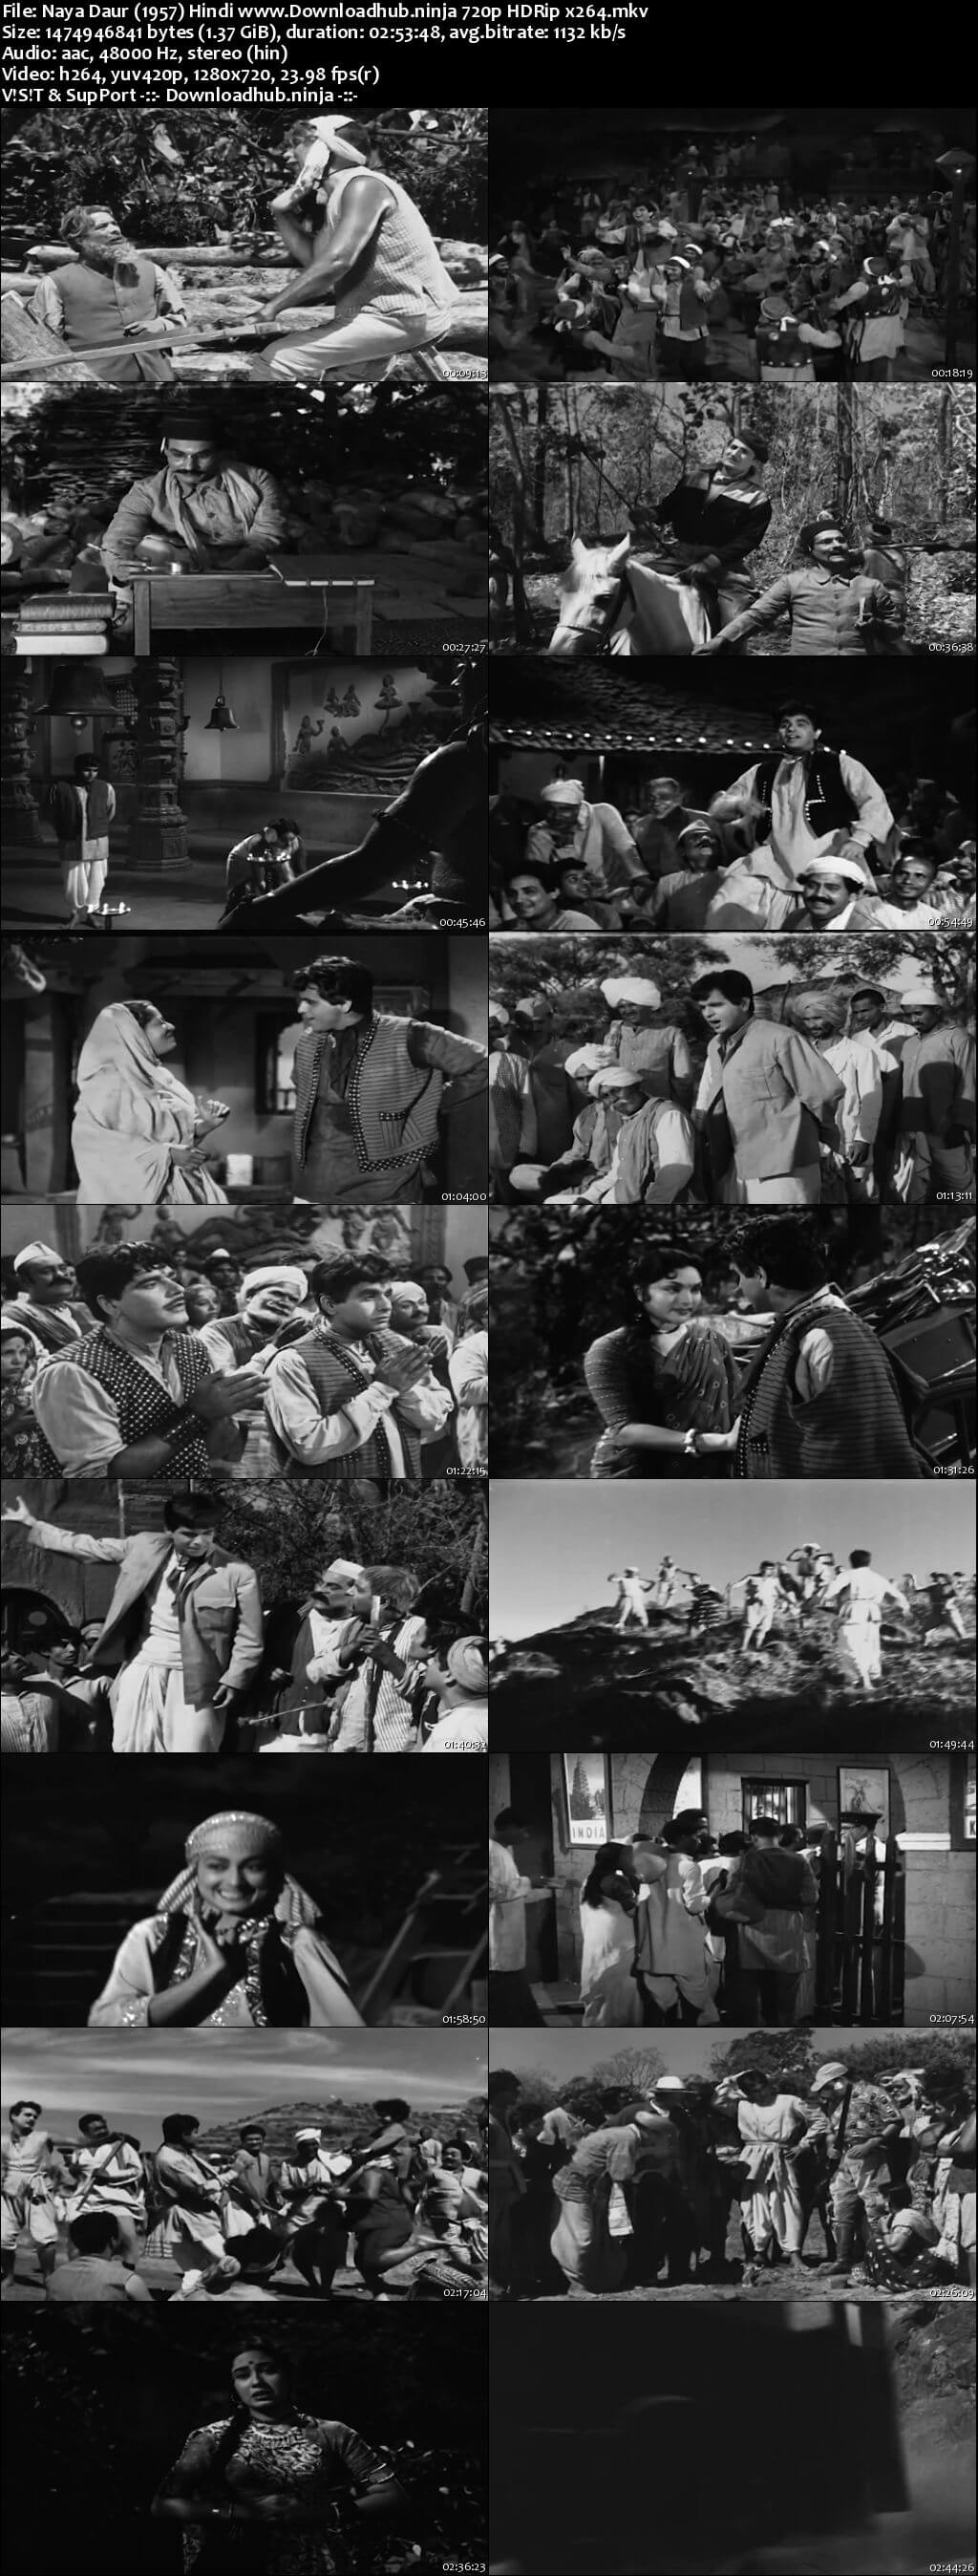 Naya Daur 1957 Hindi 720p HDRip x264